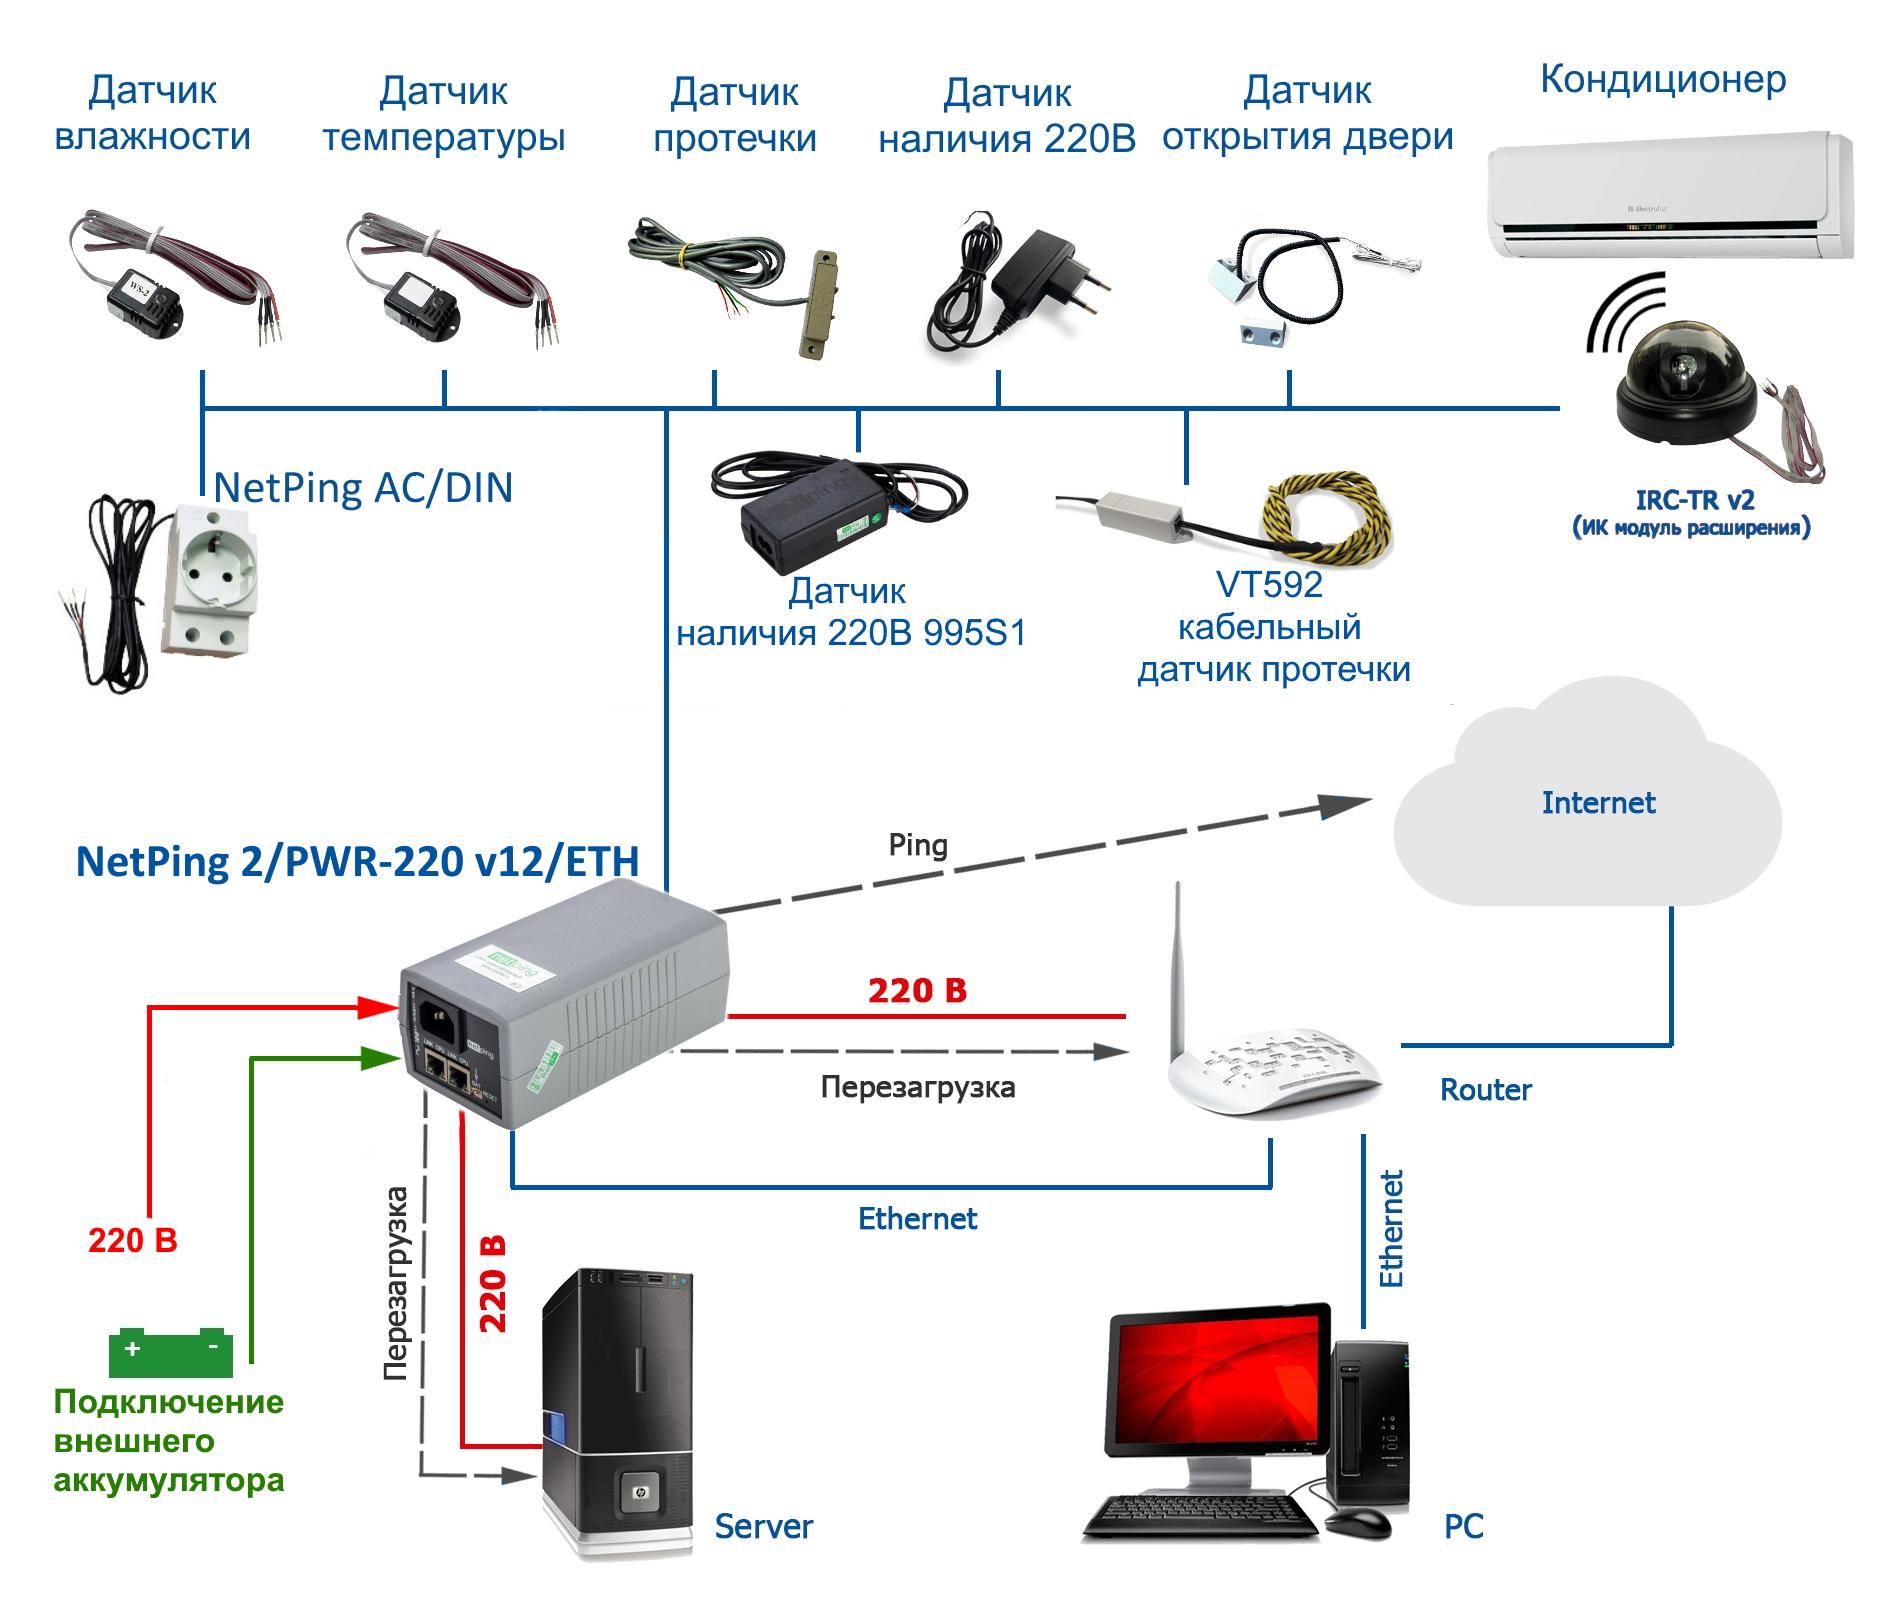 NetPing 2/PWR-220 v12/ETH - подключение нагрузки, датчиков и исполнительных механизмов